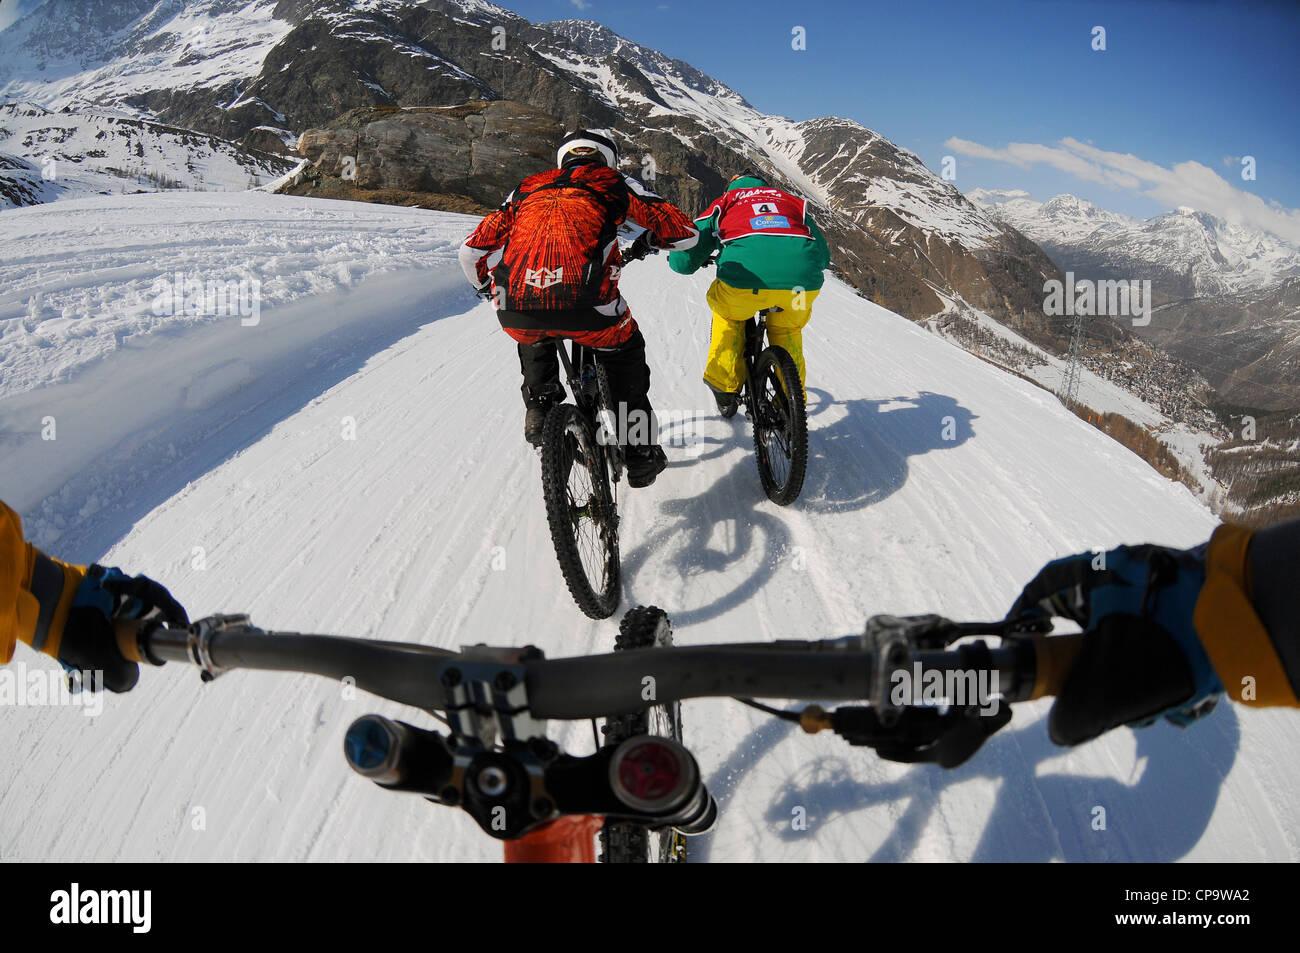 ein mountainbiker f hrt bergab h gel auf schnee mit einer on board kamera nach zwei weitere. Black Bedroom Furniture Sets. Home Design Ideas